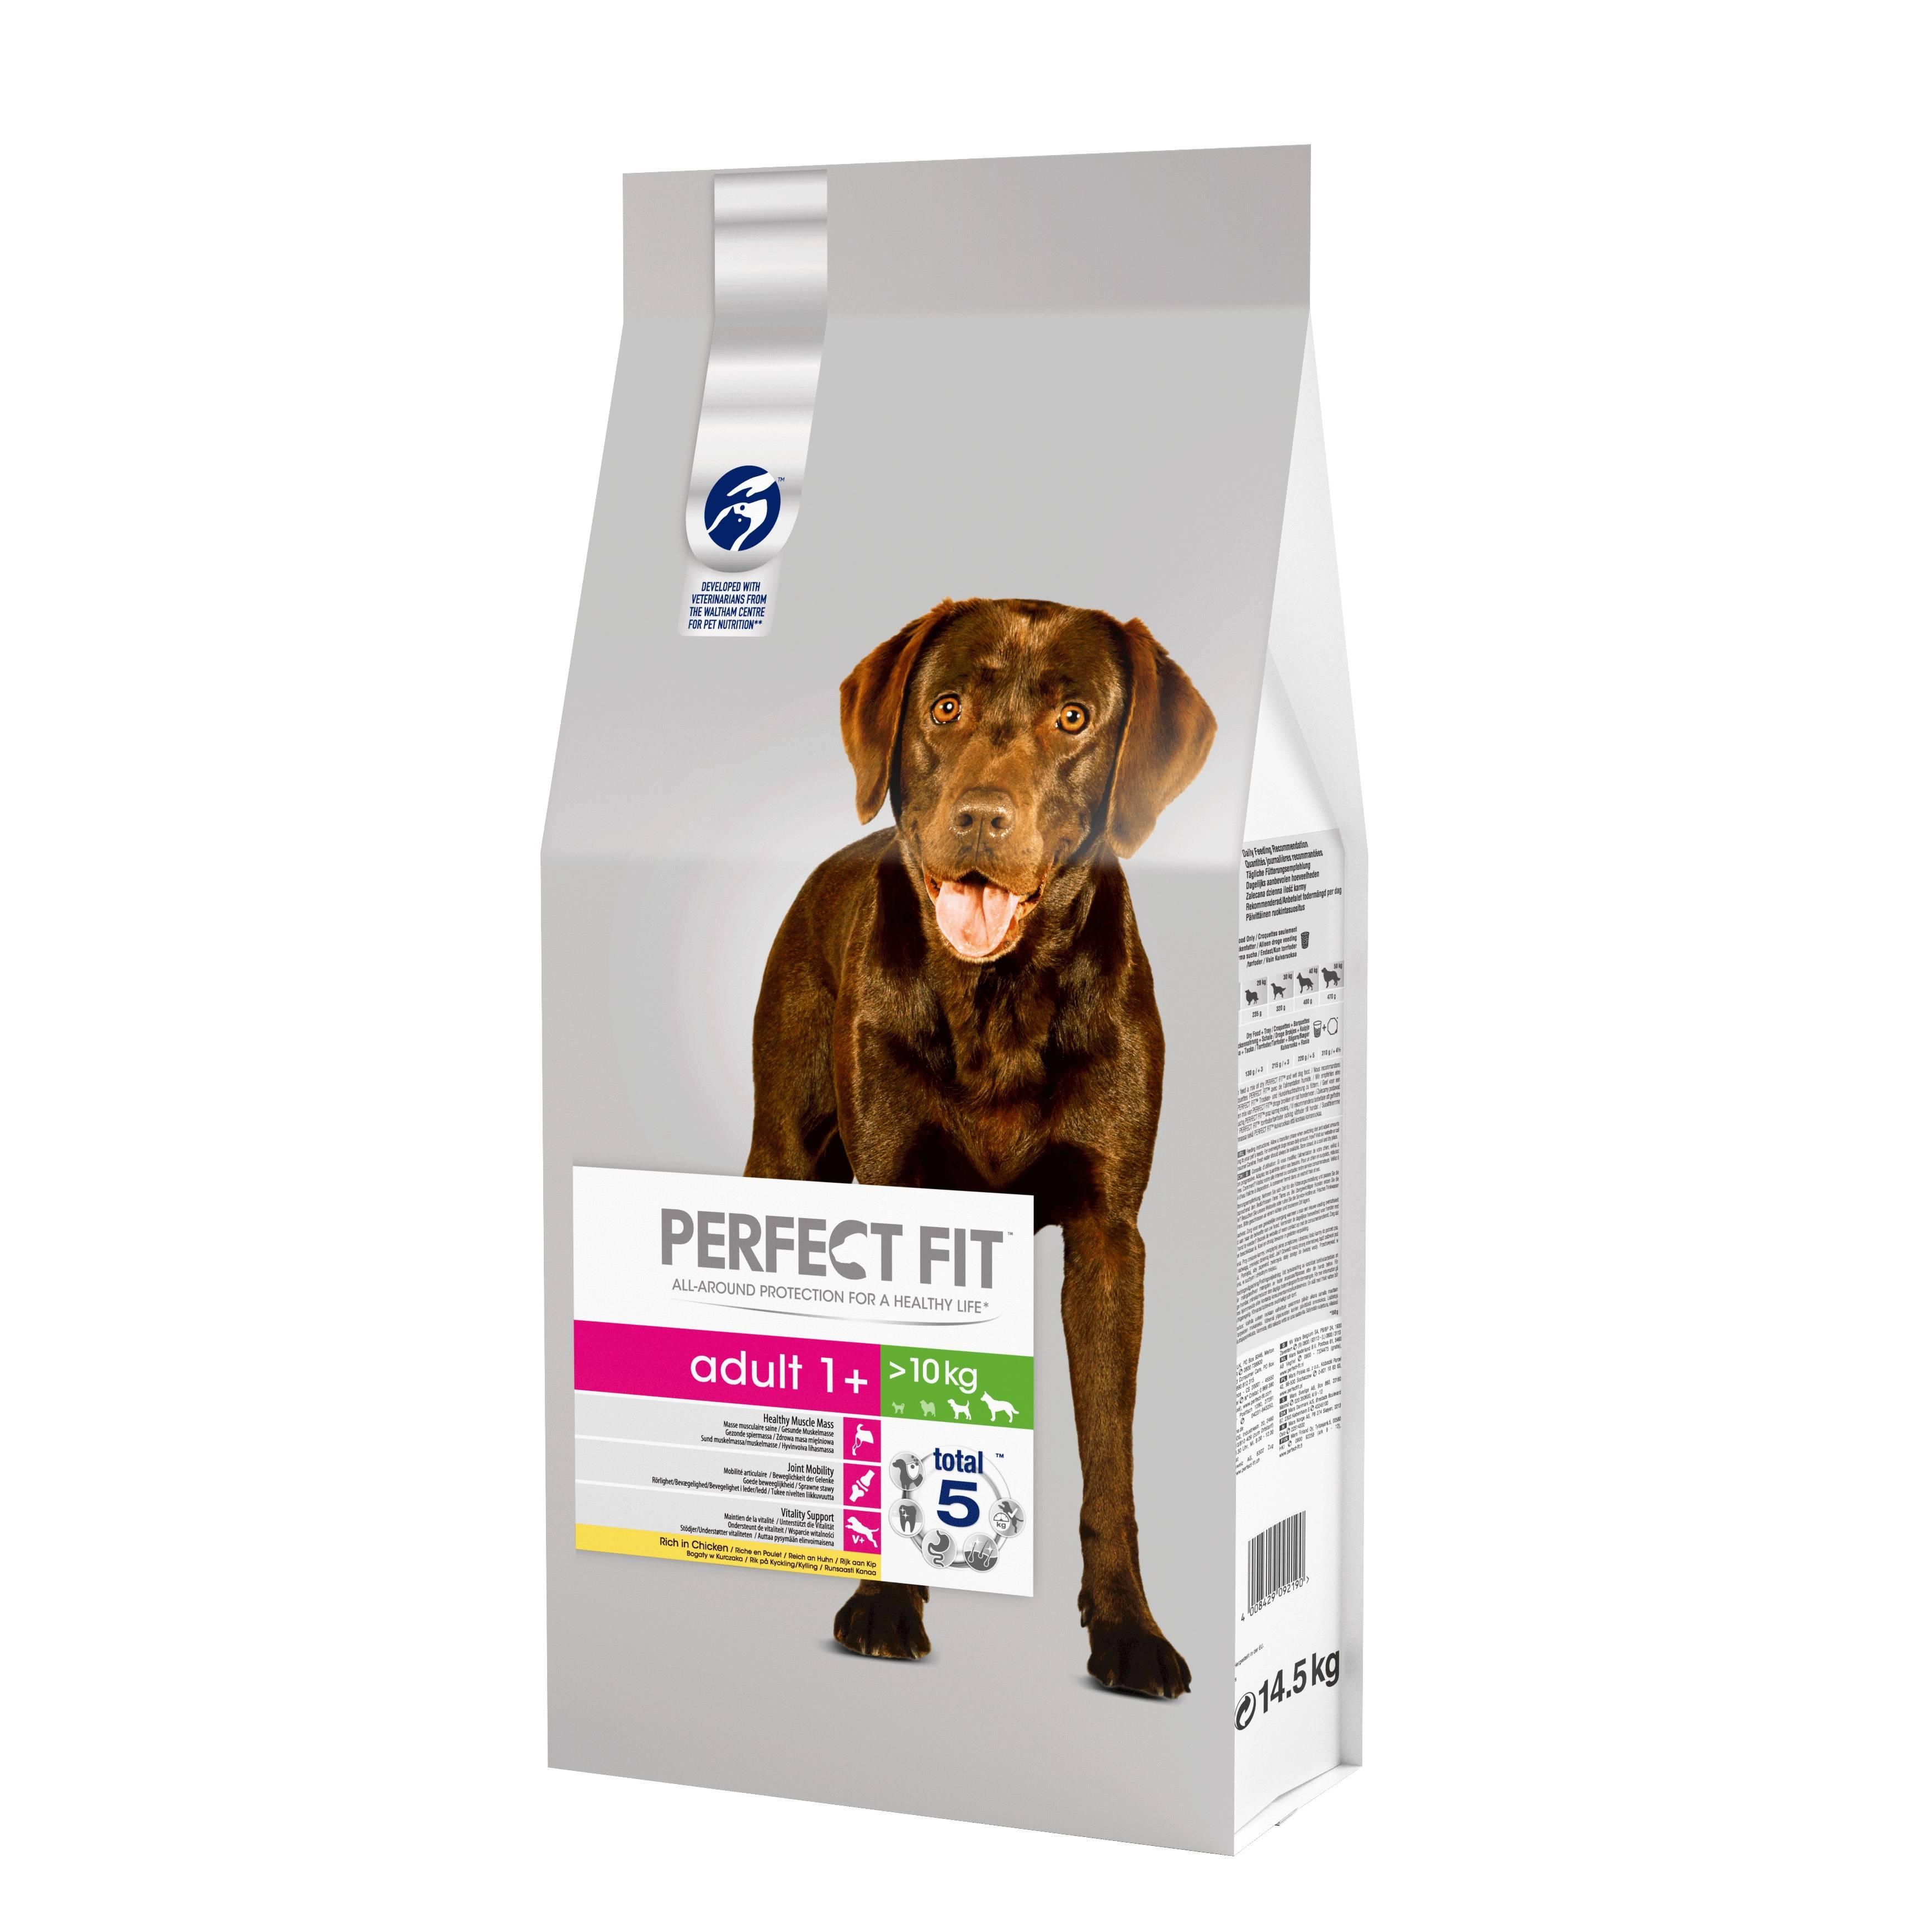 Корм для собак perfect fit: отзывы и разбор состава - петобзор